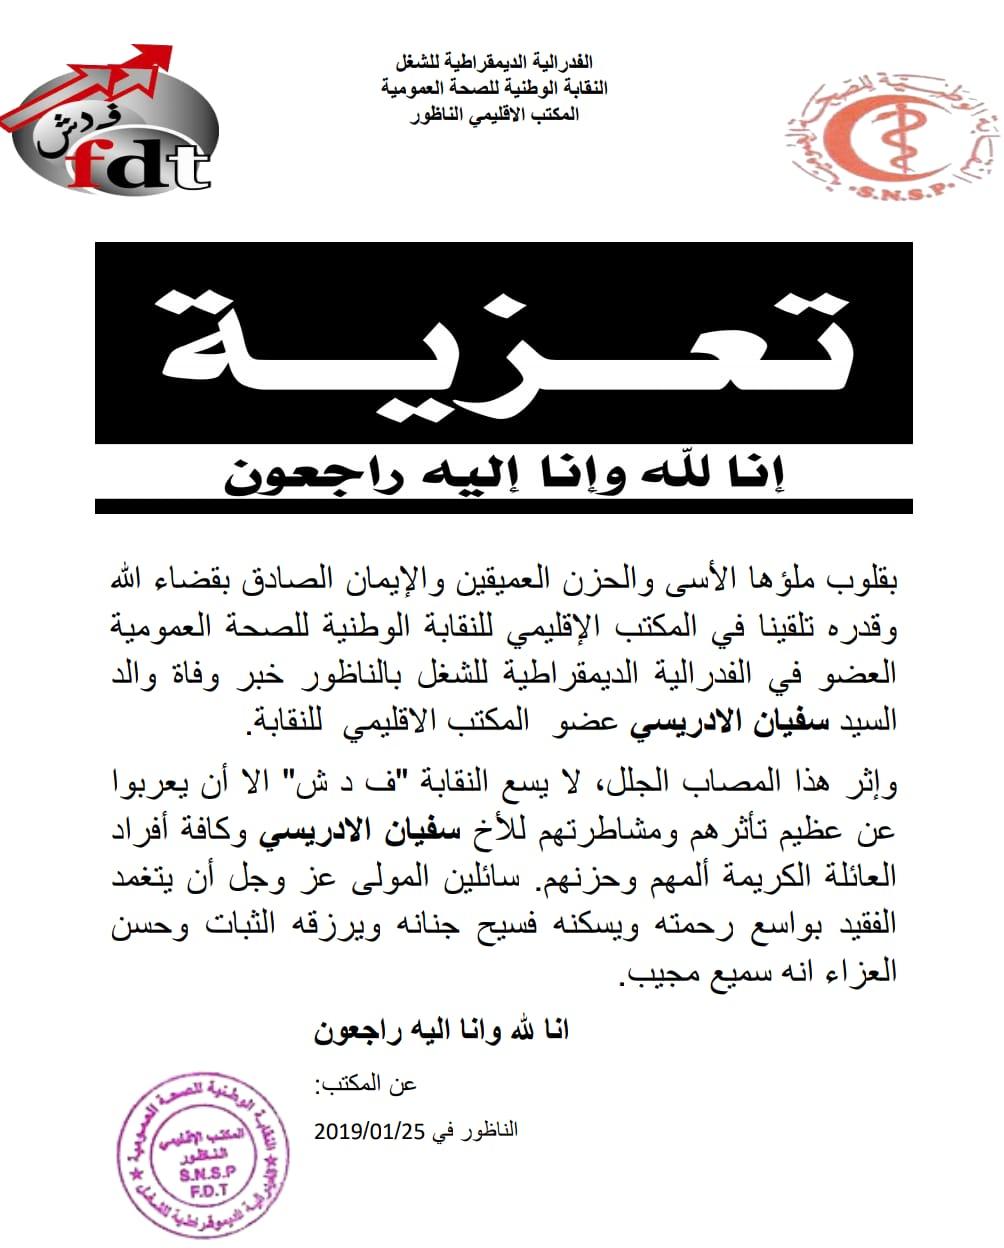 تعزية الناظور: اسرة الصحة تعزي  السيد سفيان الادريسي الممرض بالمستشفى الحسني في وفاة والده.